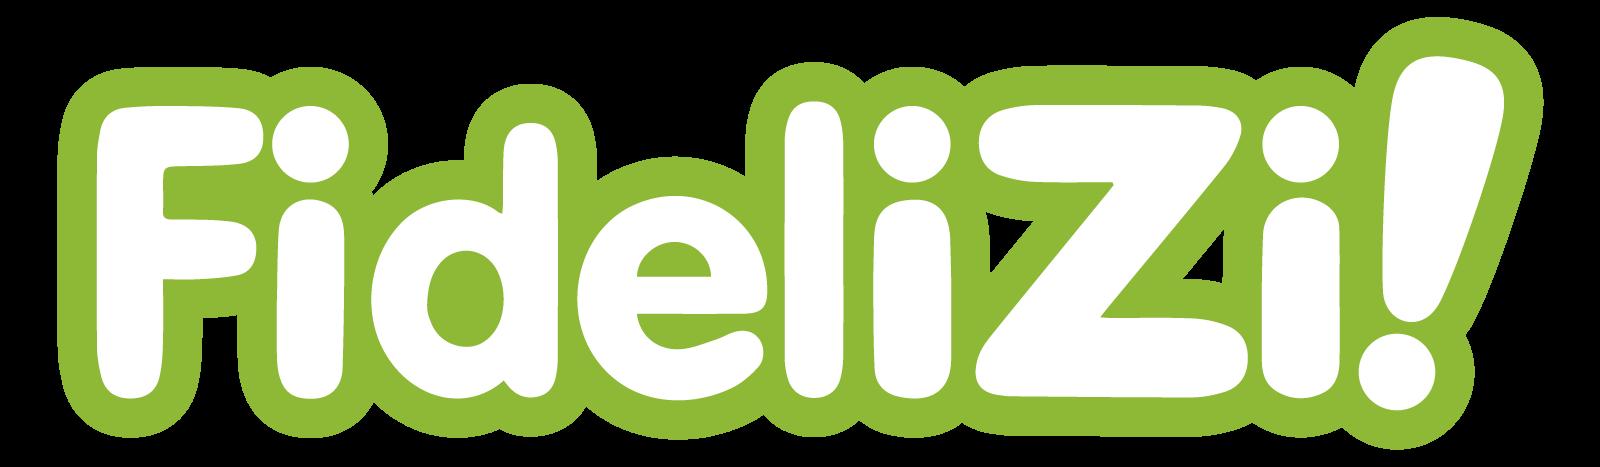 Case FideliZi! - Guia definitivo de automação de marketing para B2B.